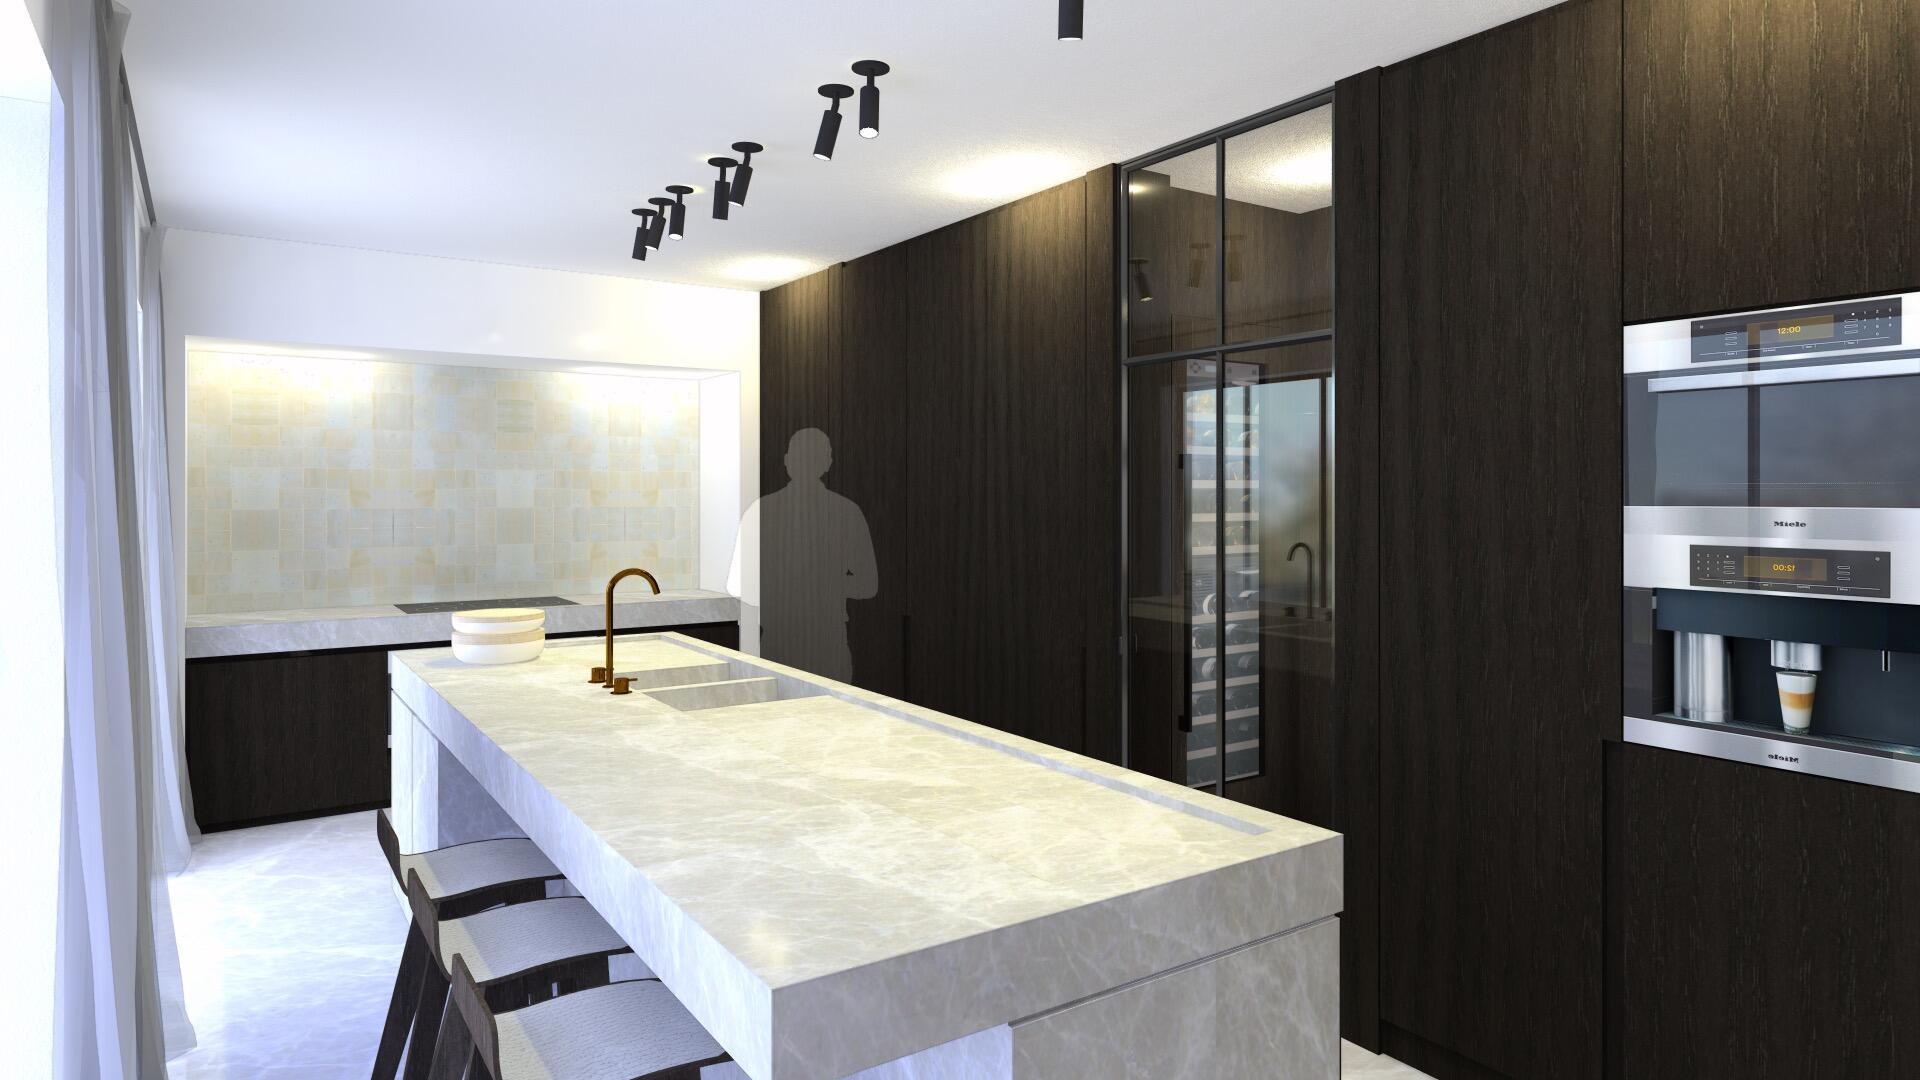 Woning gf ap art architecten - Hedendaagse interieurs ...